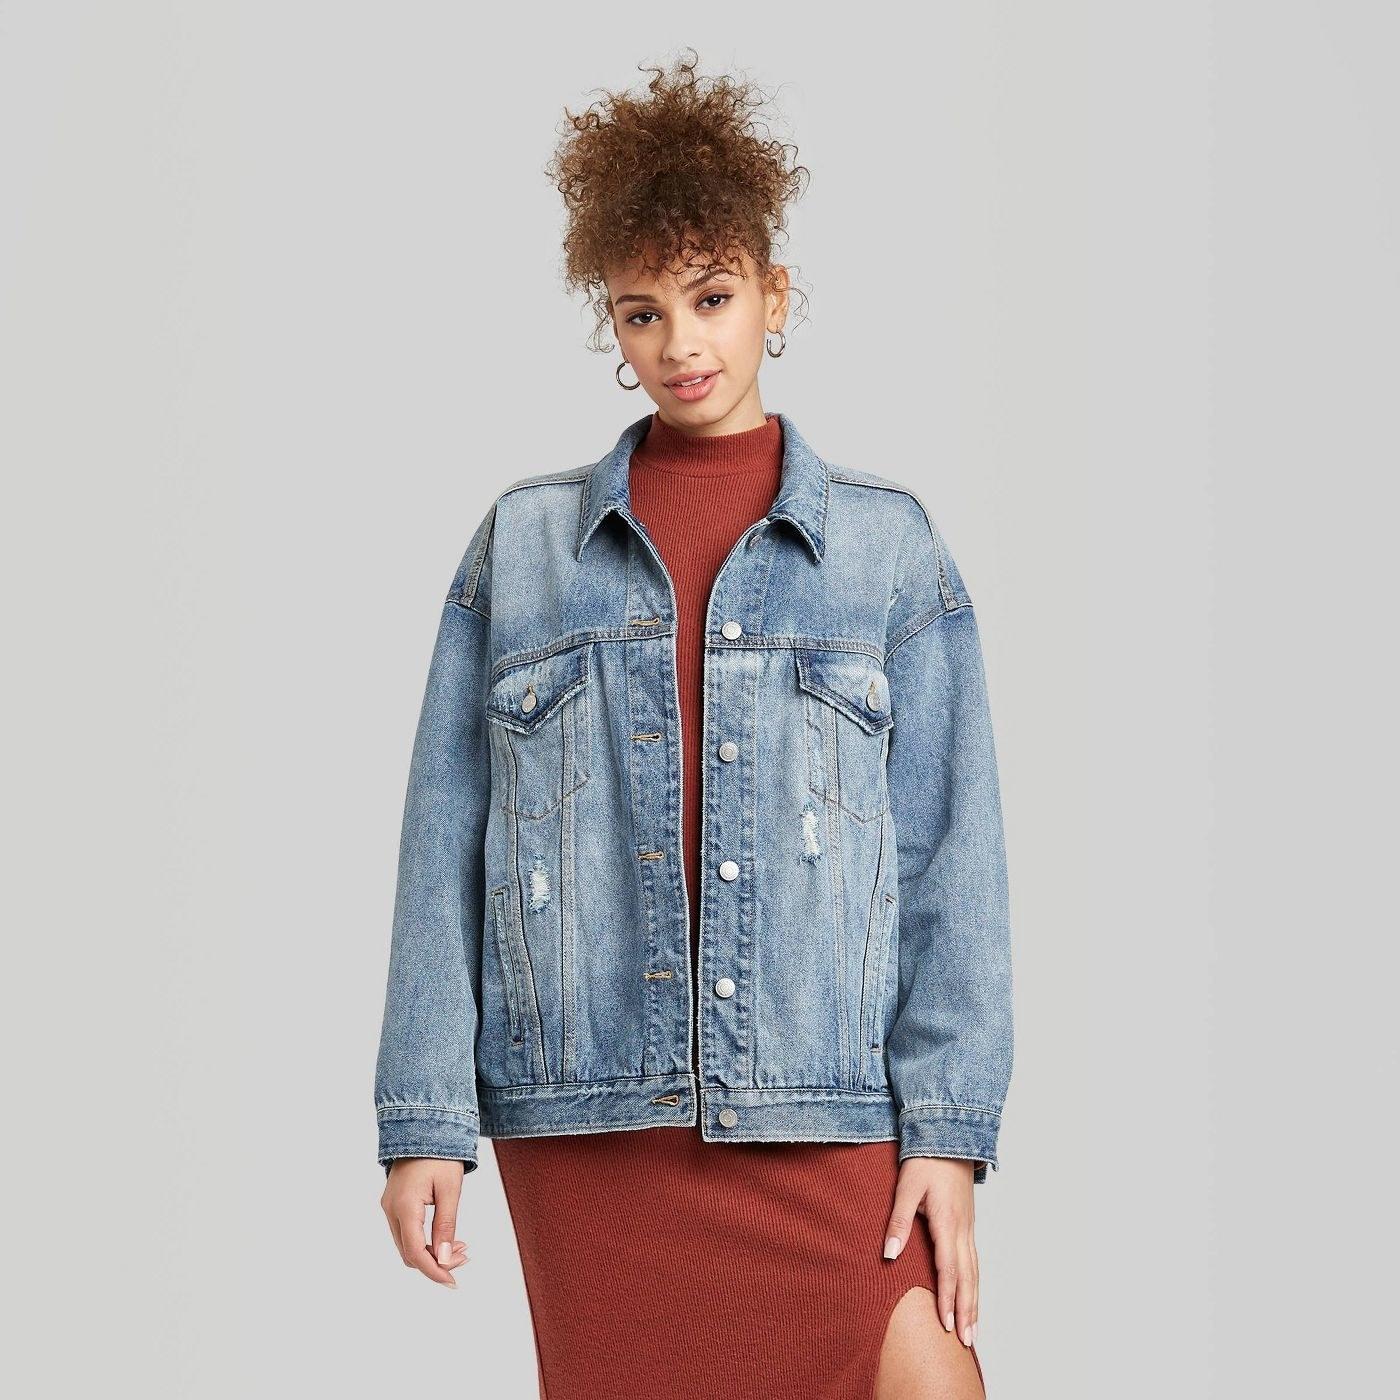 model wearing a blue oversized jean jacket over a dress